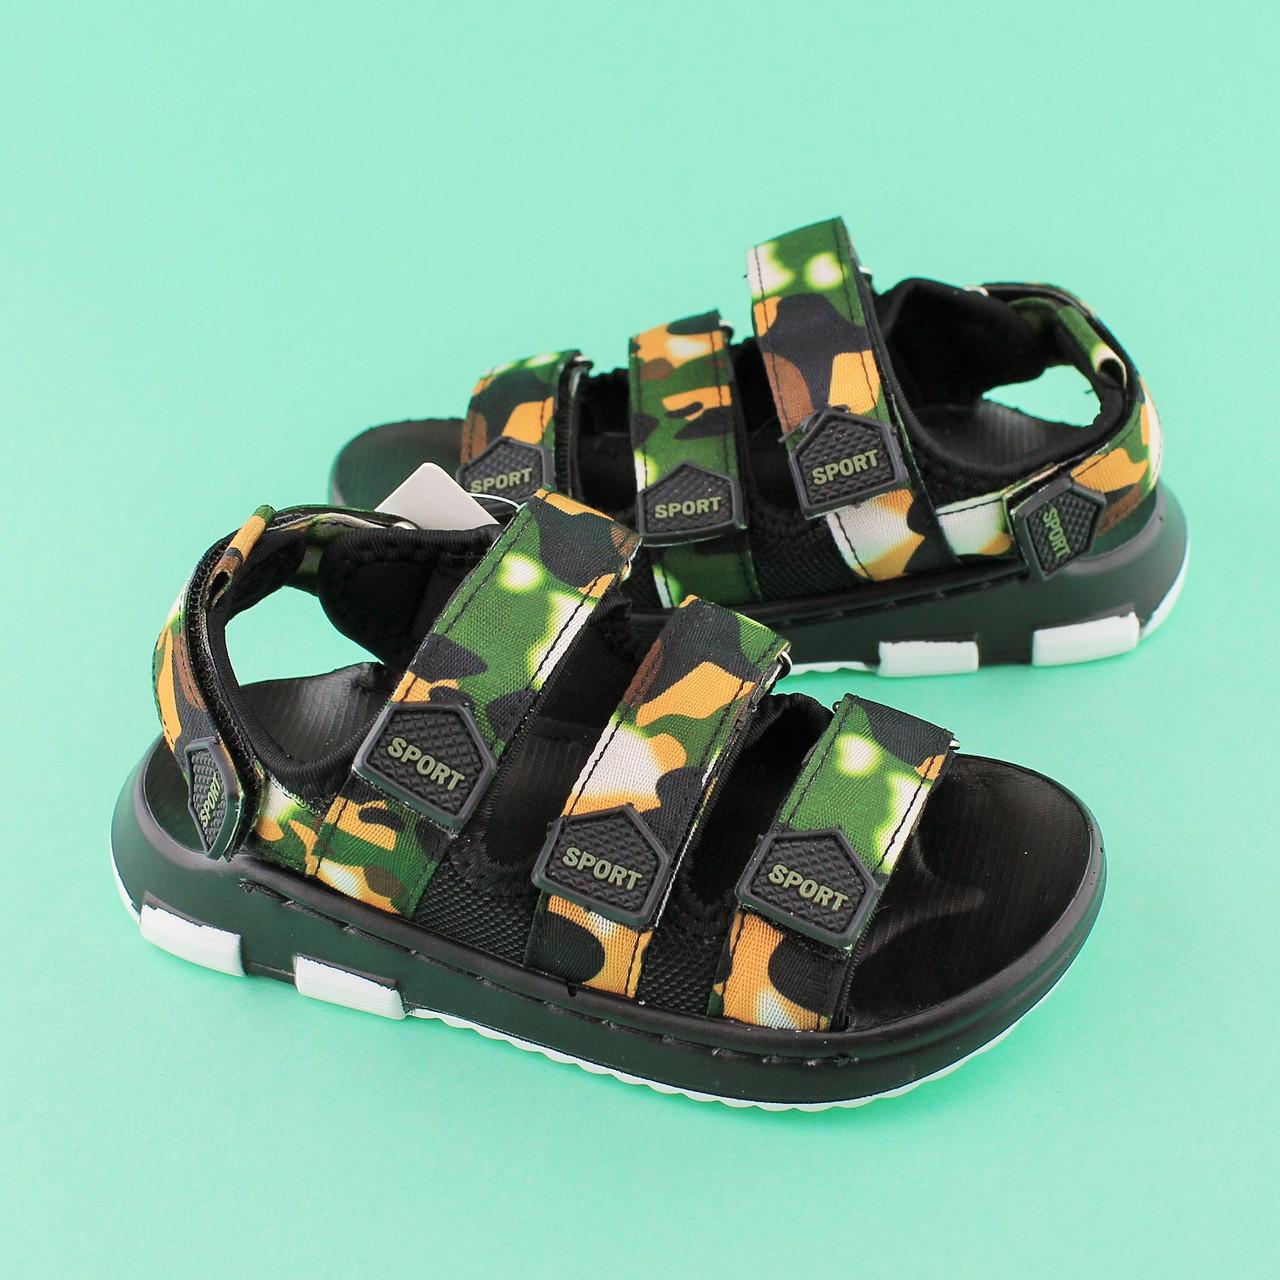 9198e743d Сандалии детские Камуфляж для мальчиков Том.М размер 26 - BonKids - детский  магазин обуви